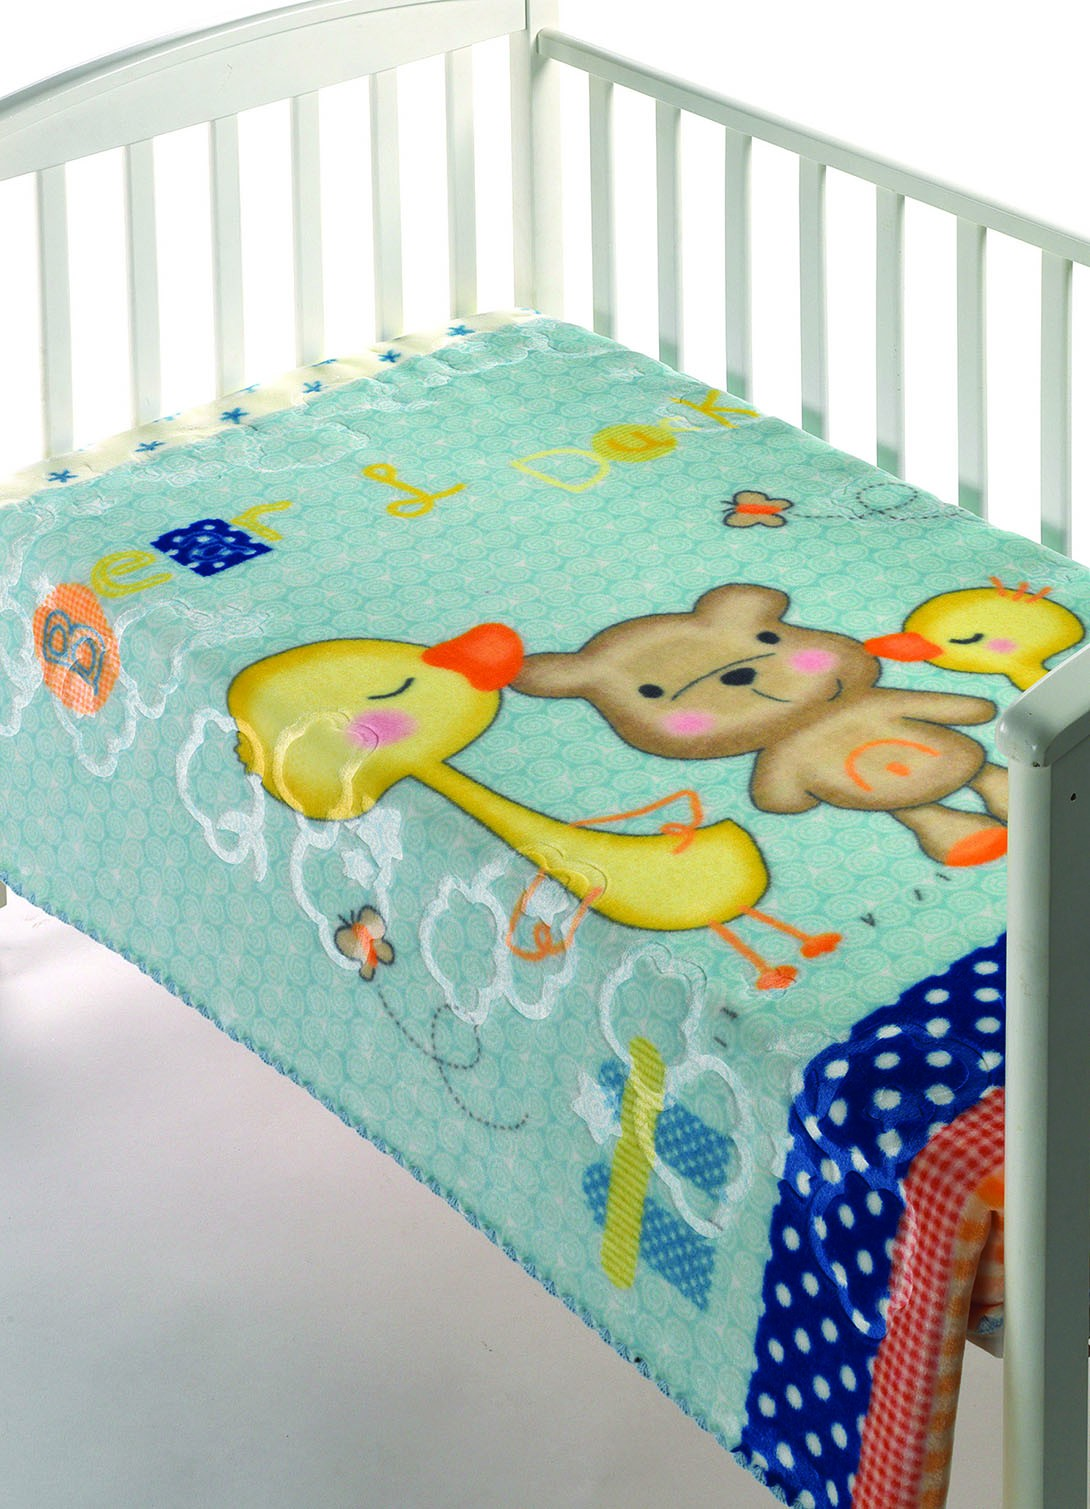 Κουβέρτα Βελουτέ Αγκαλιάς Morven Luxury Plus 276 Σιέλ home   βρεφικά   κουβέρτες βρεφικές   κουβέρτες βελουτέ